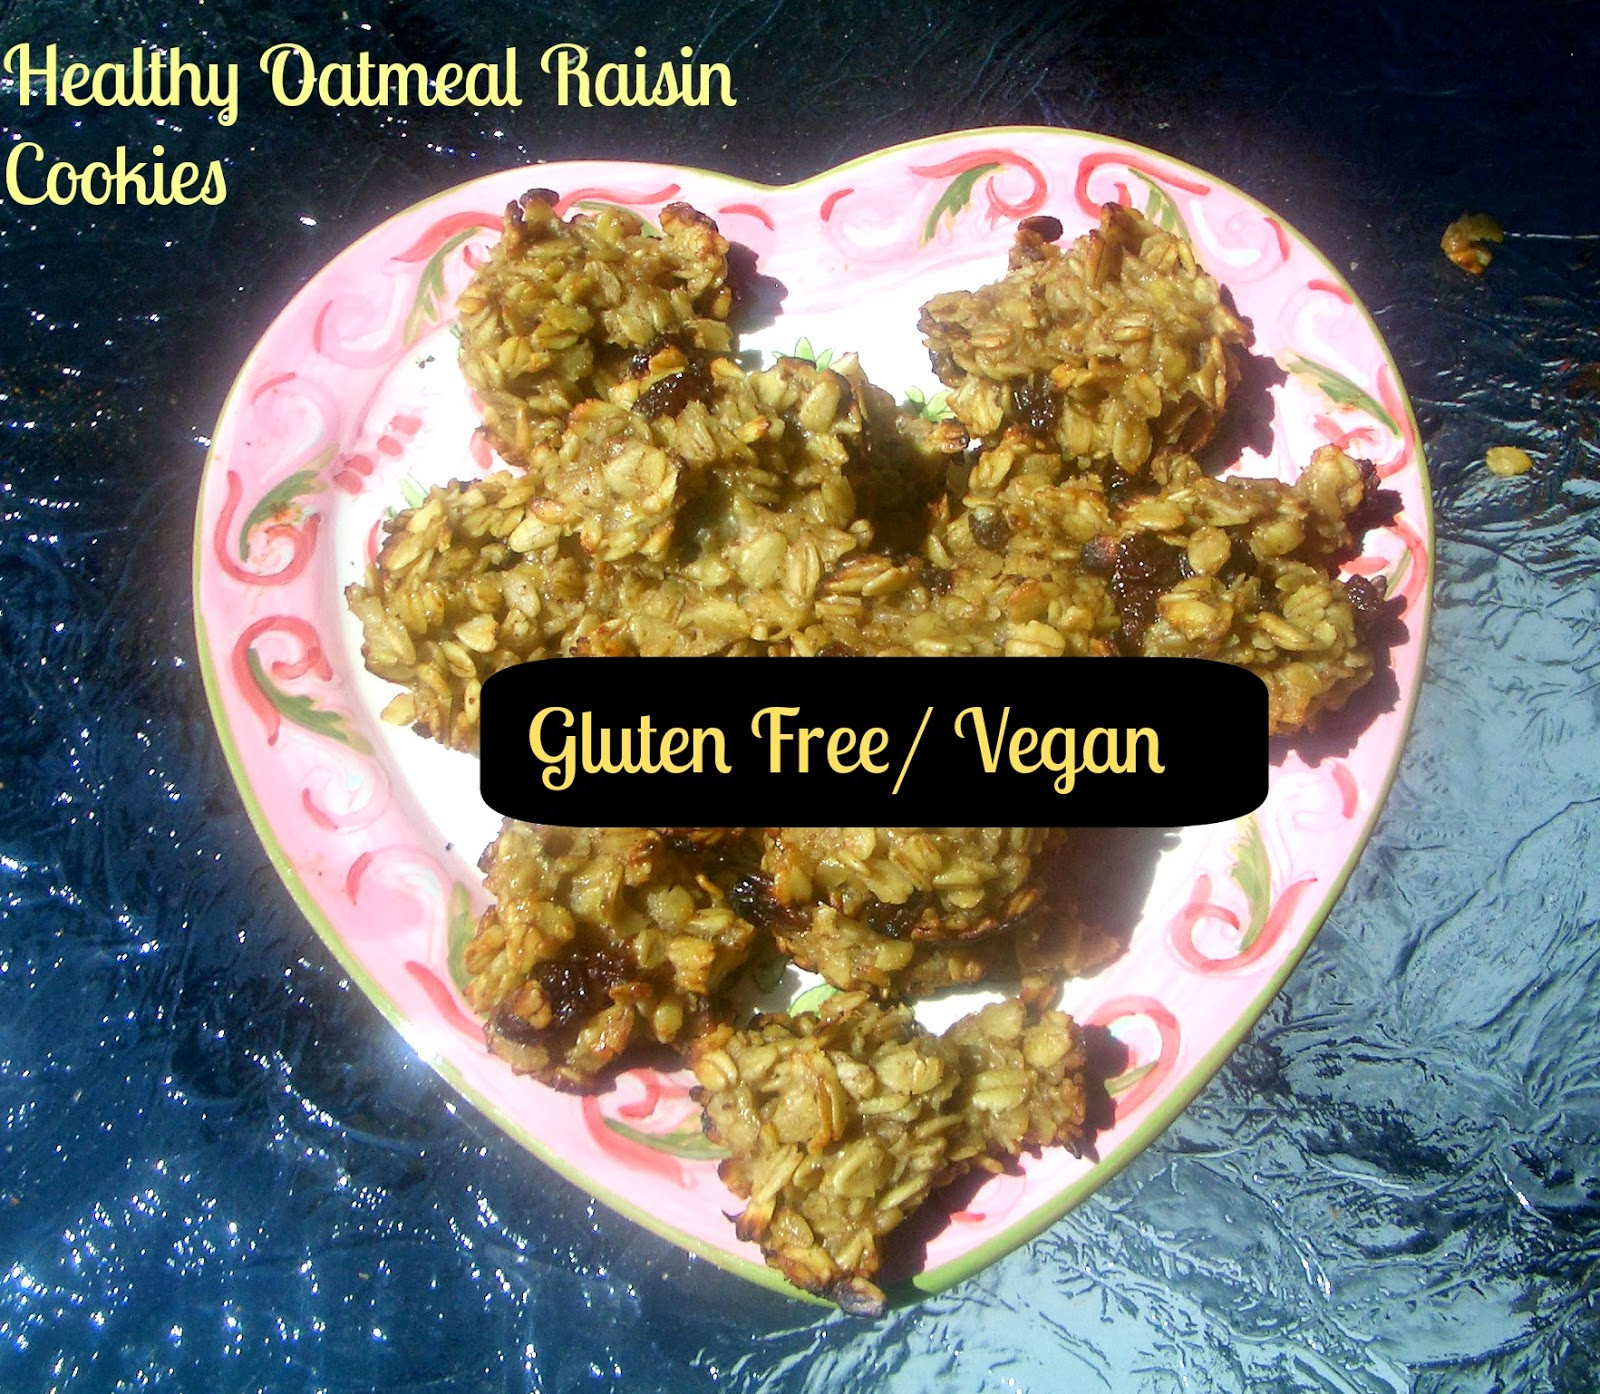 Healthy Gluten Free Oatmeal Cookies  Gluten Free A Z Healthy Oatmeal Raisin Cookies